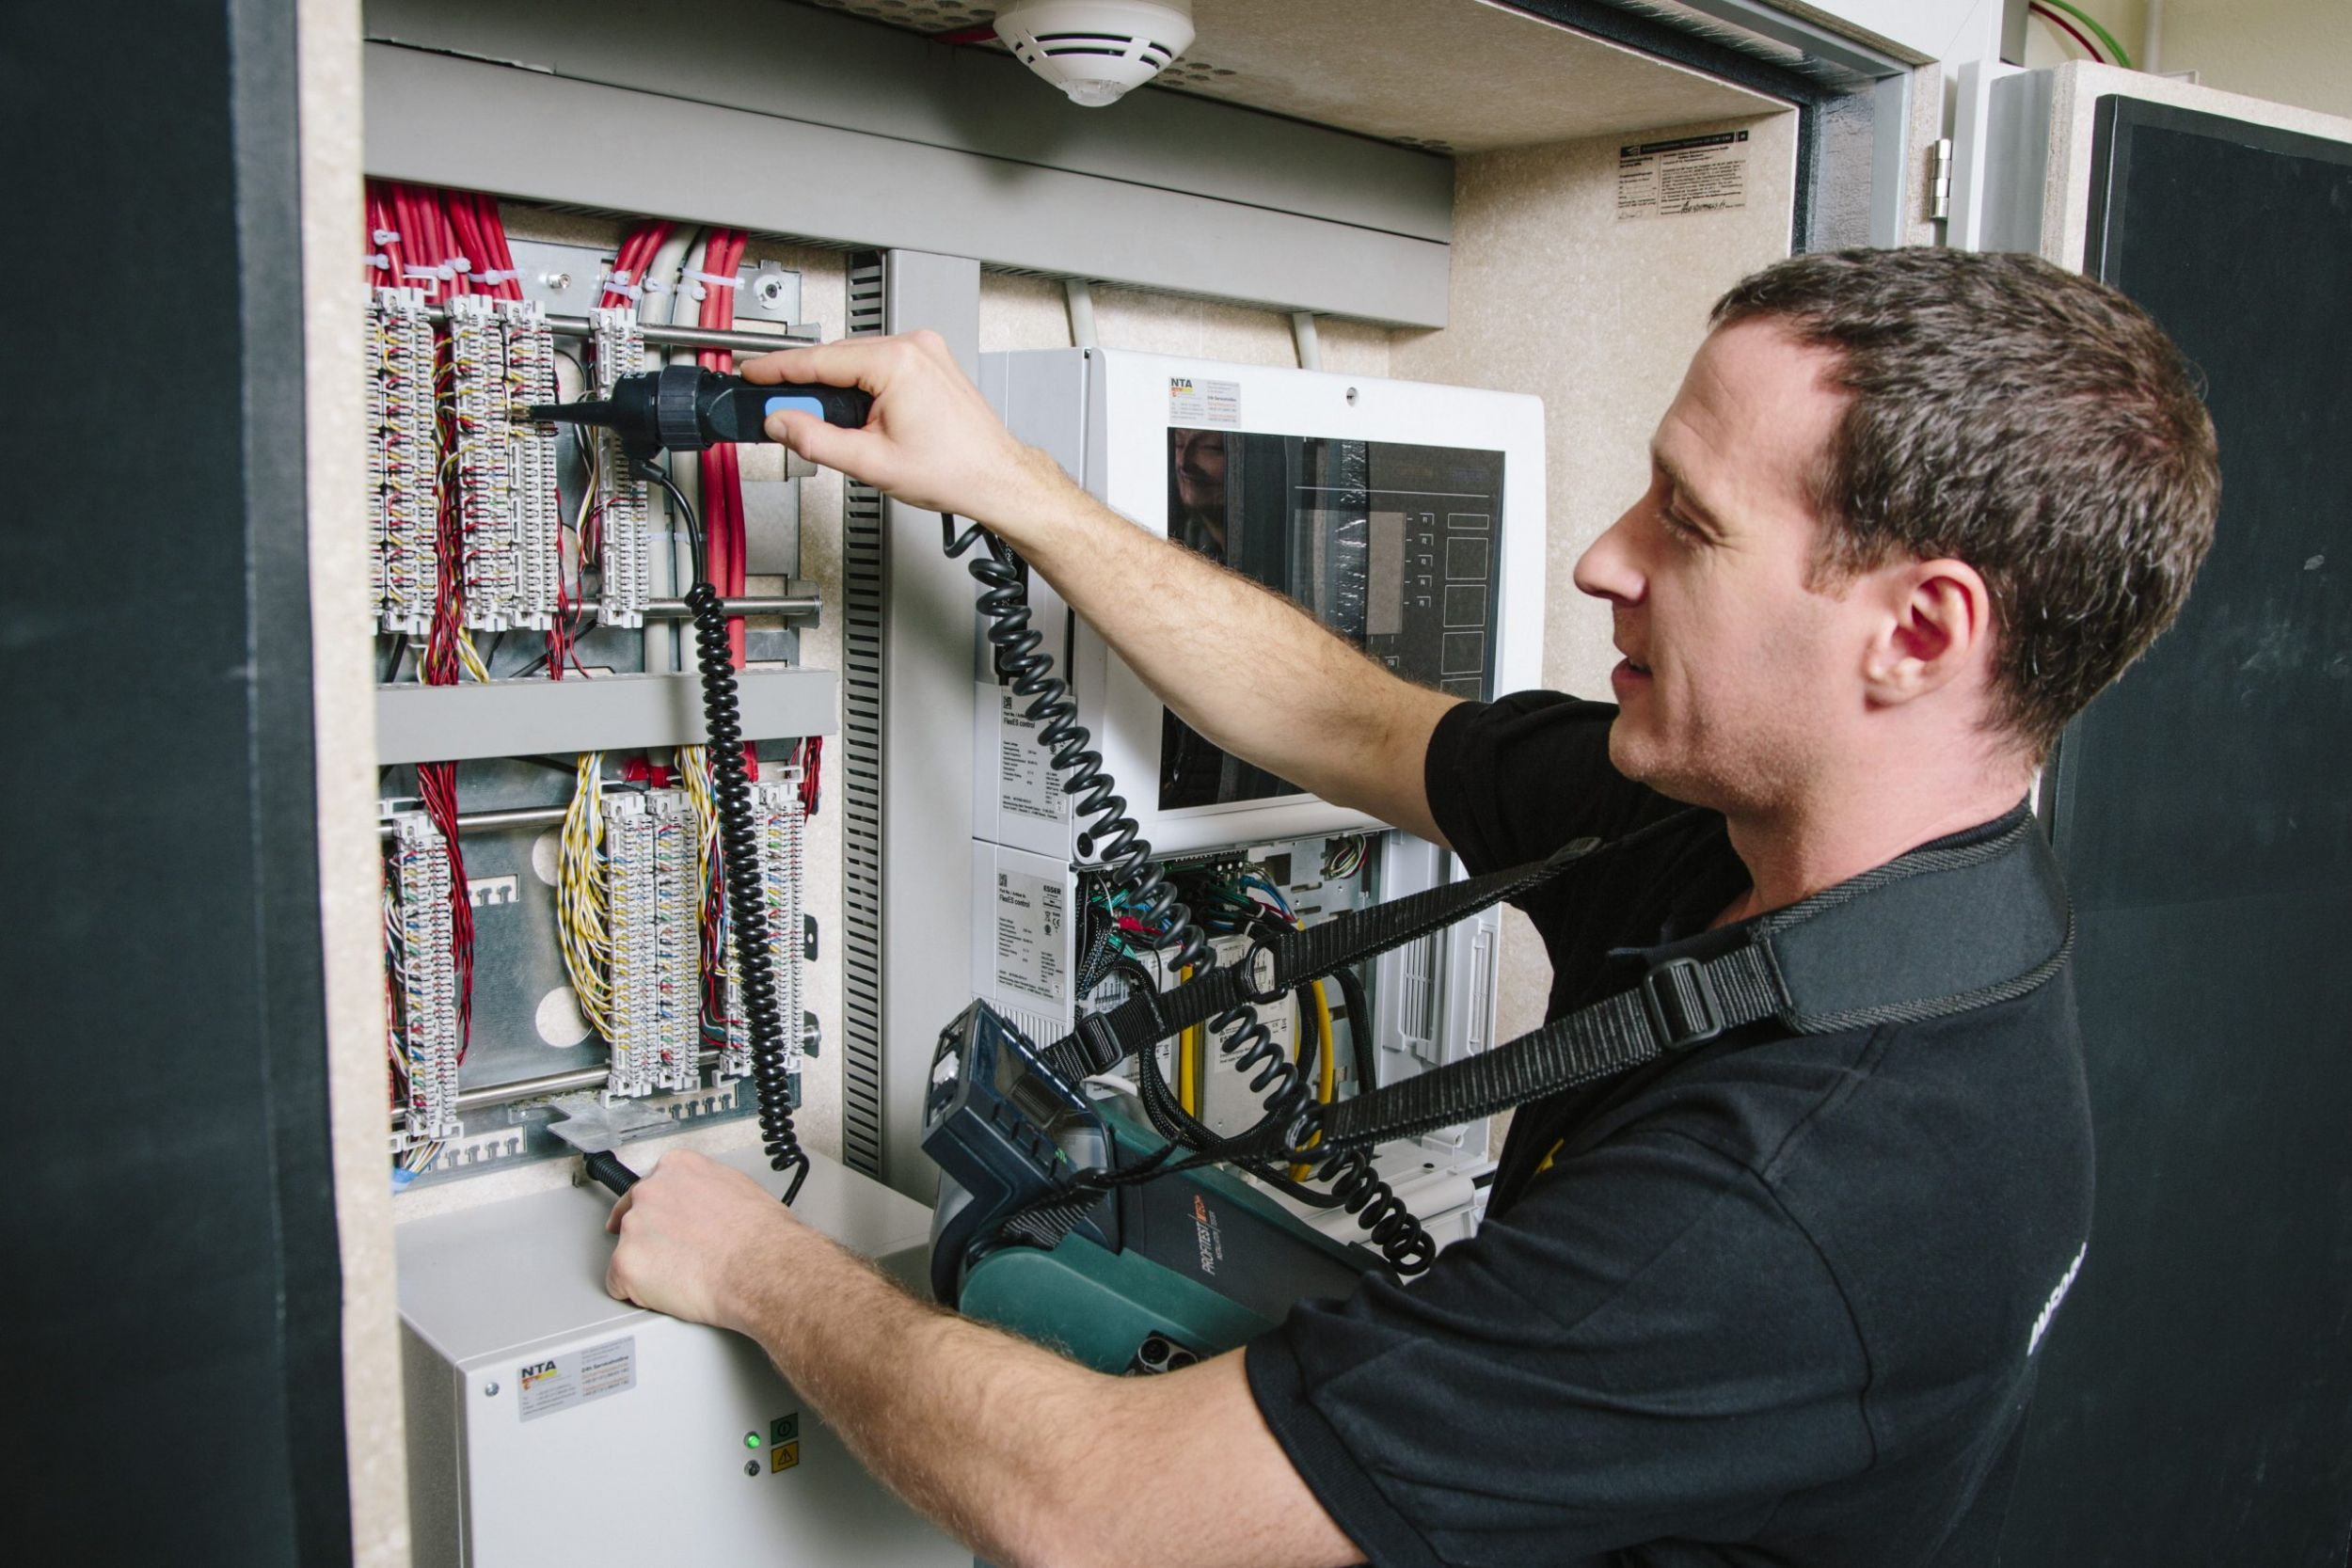 Lieferengpässe und Preissteigerungen bedrohen Elektrohandwerk